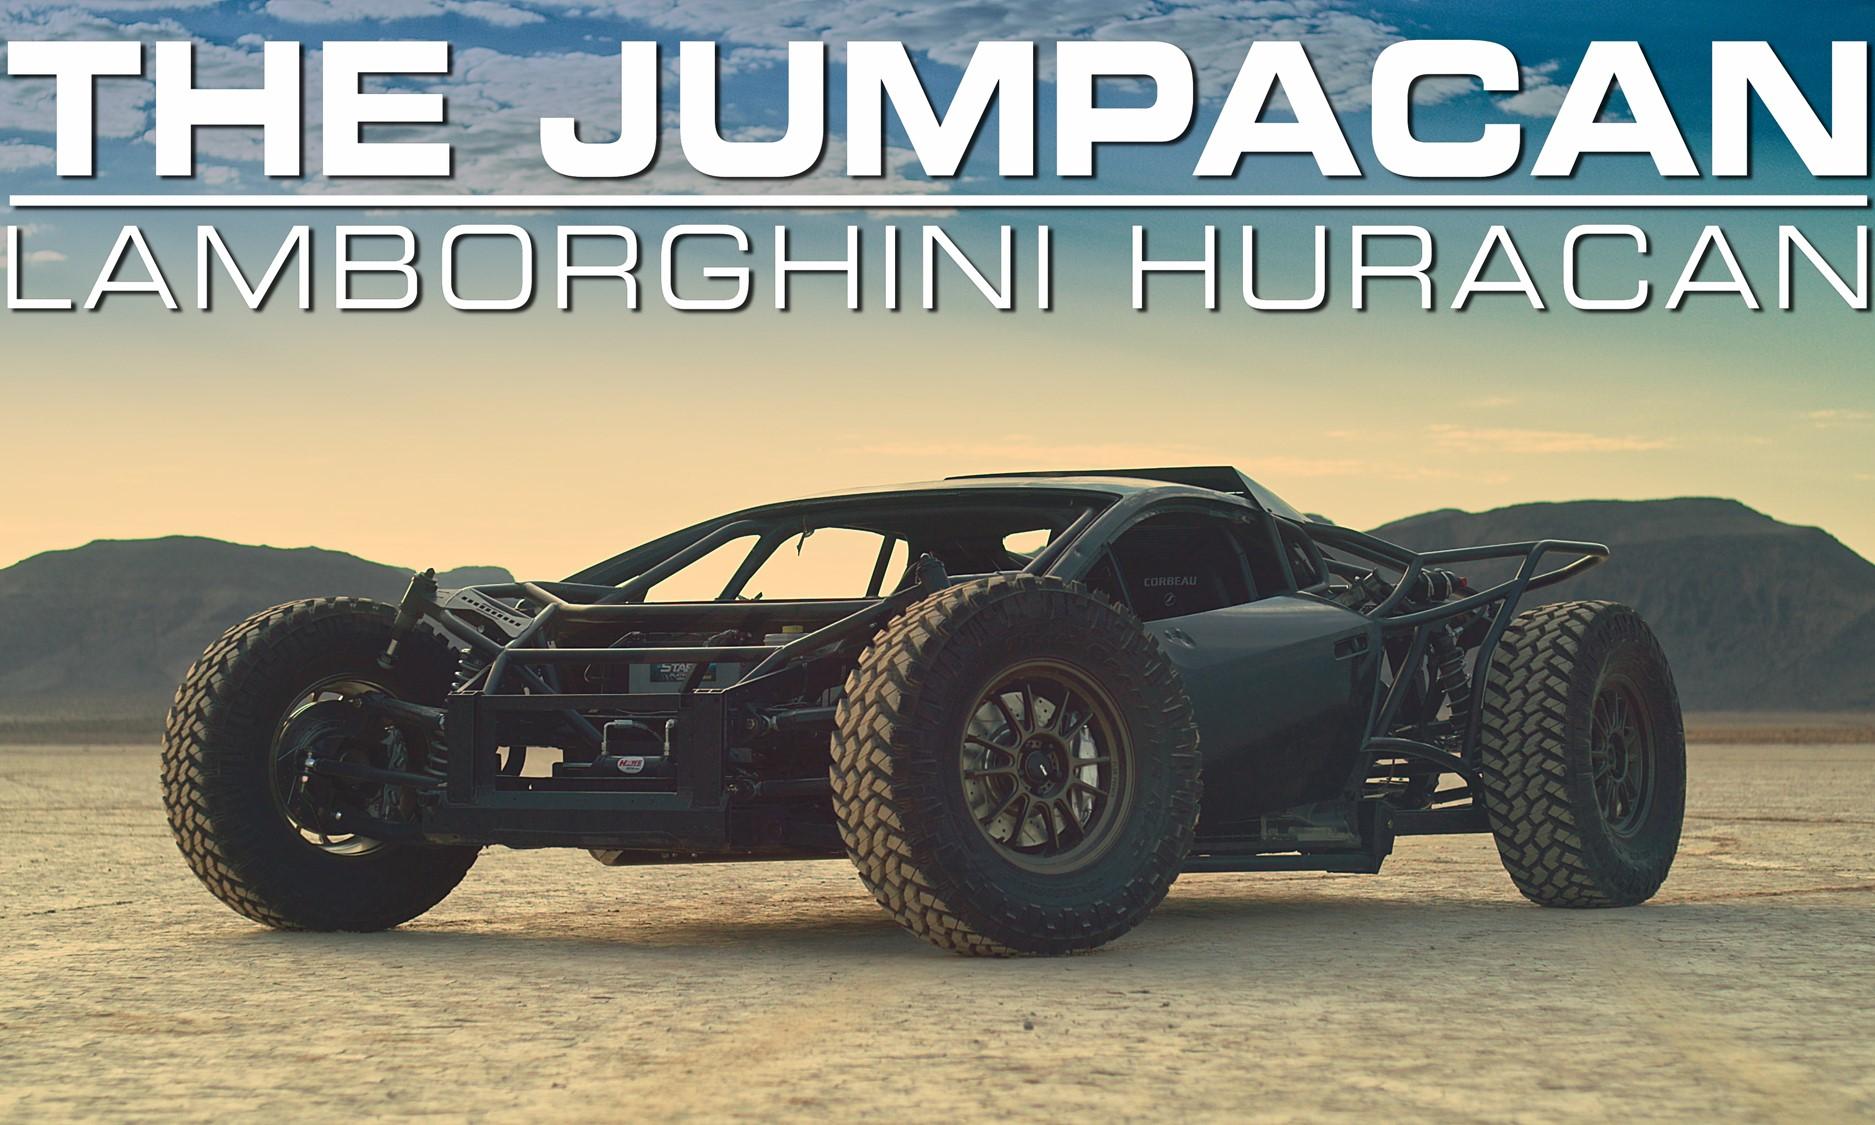 Lamborghini Jumpacan